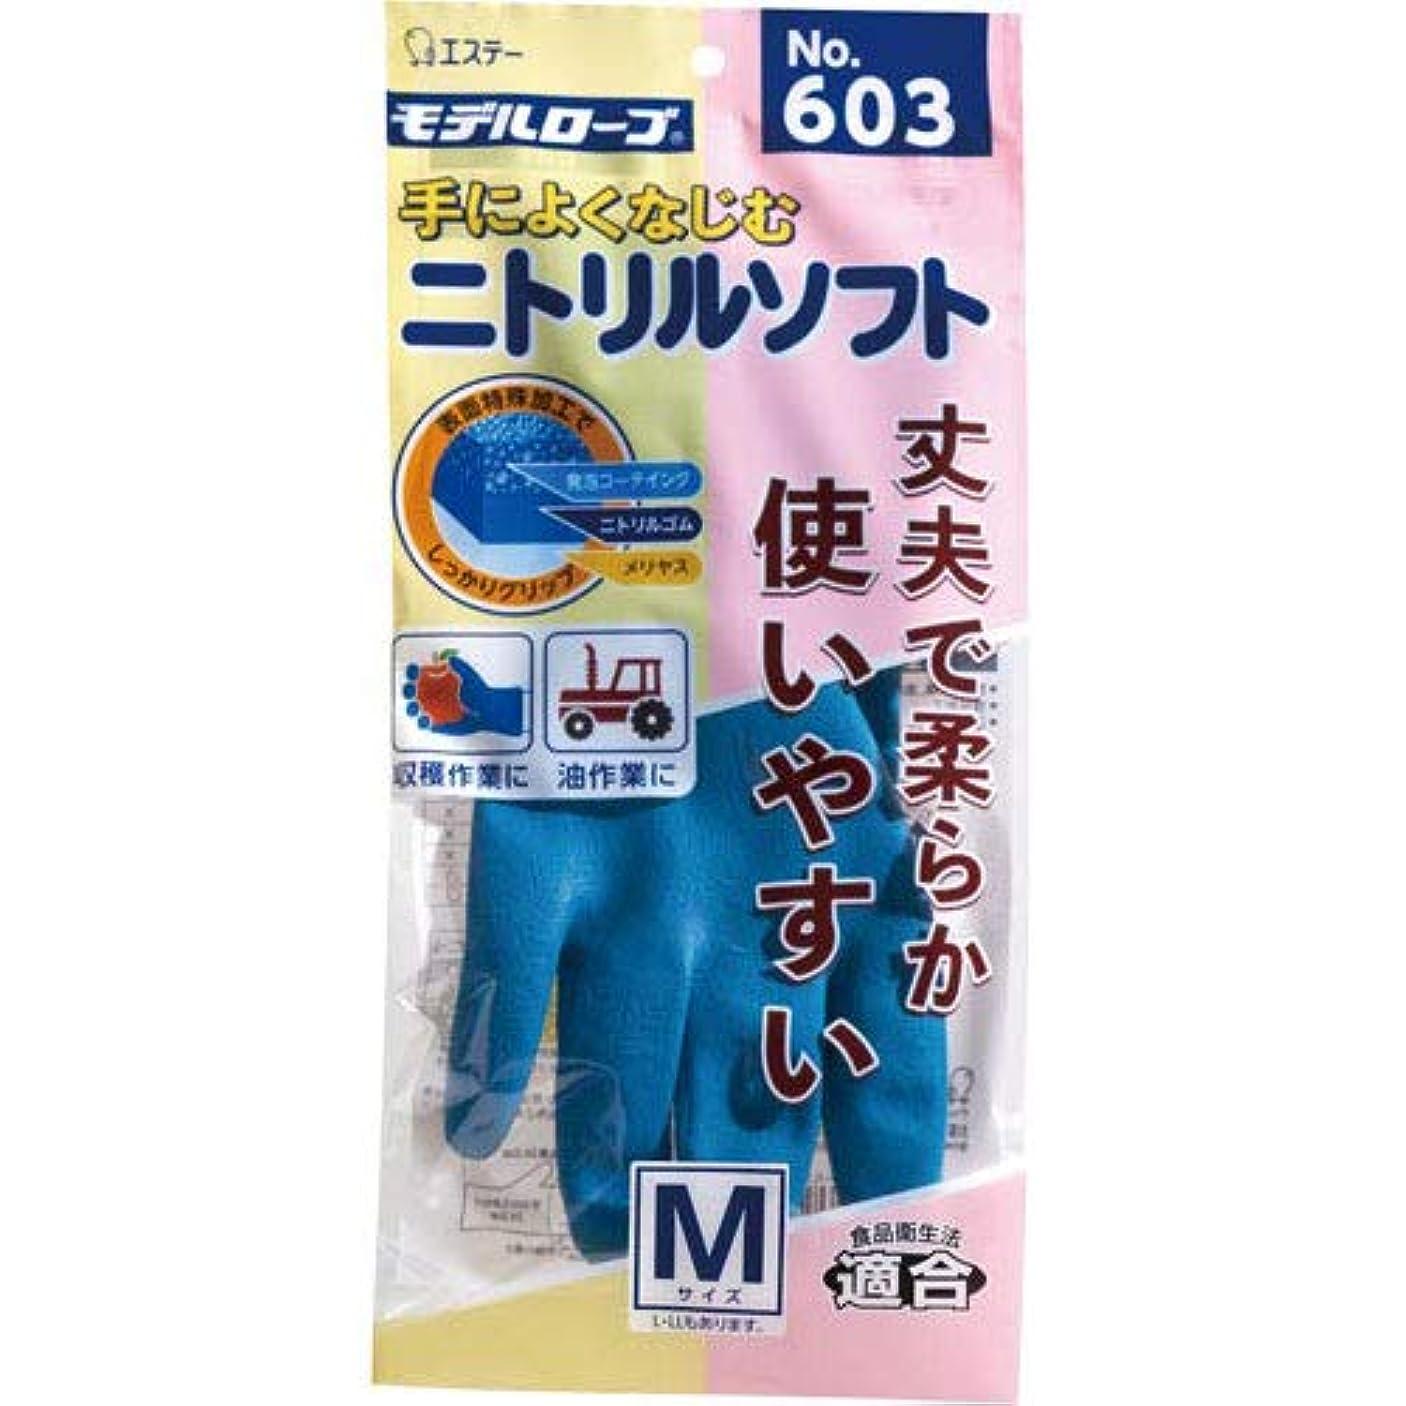 残酷な横葡萄モデルローブ ニトリルソフト No.603 M